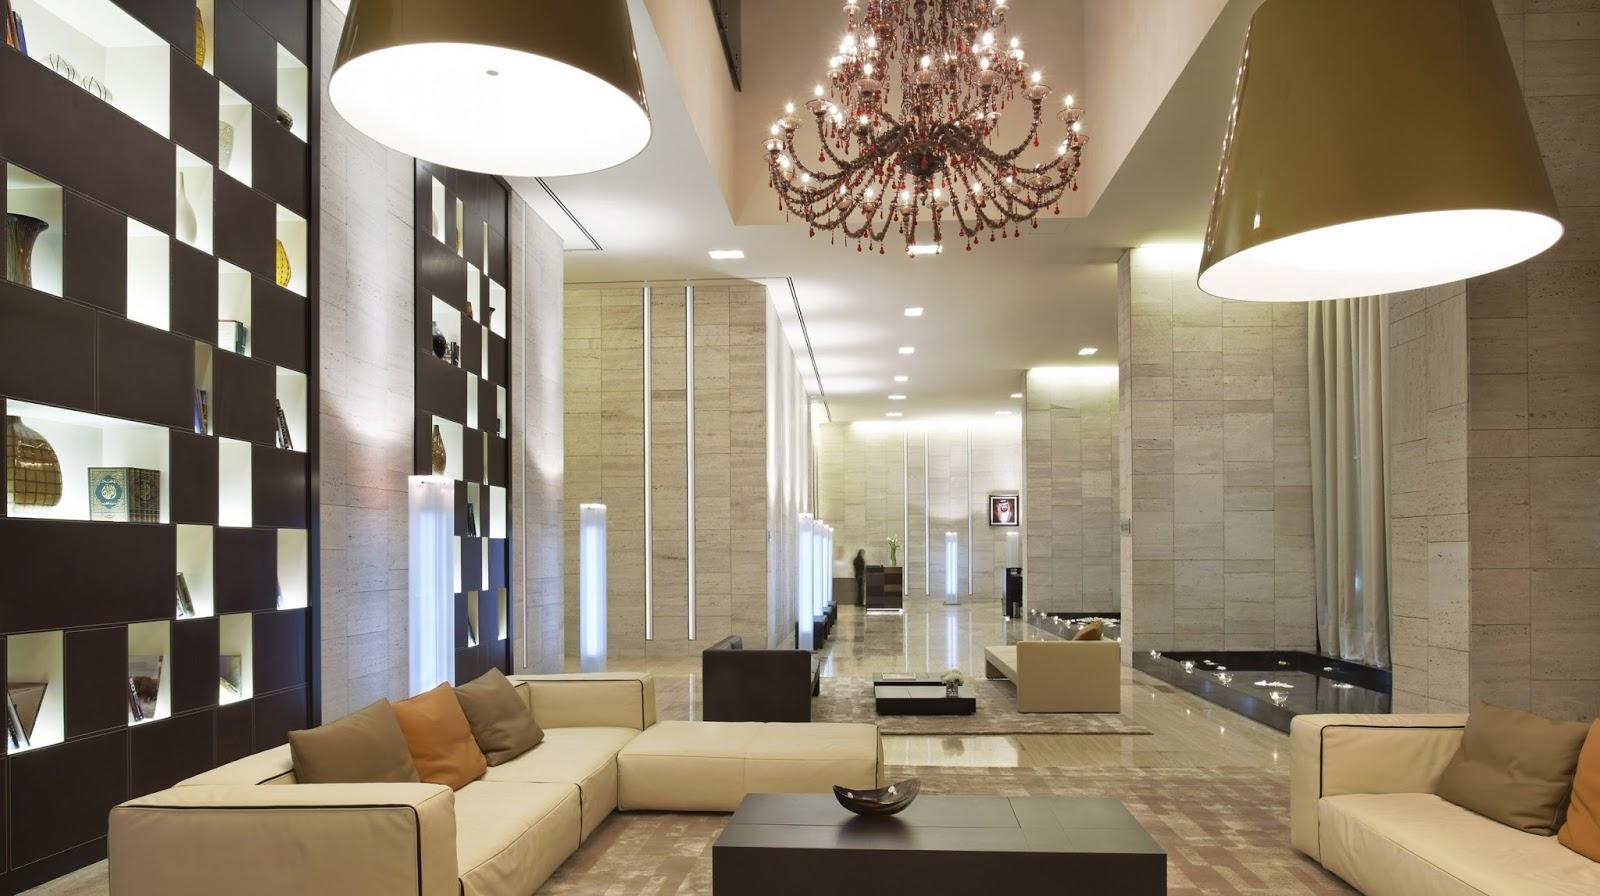 New interior design company in dubai